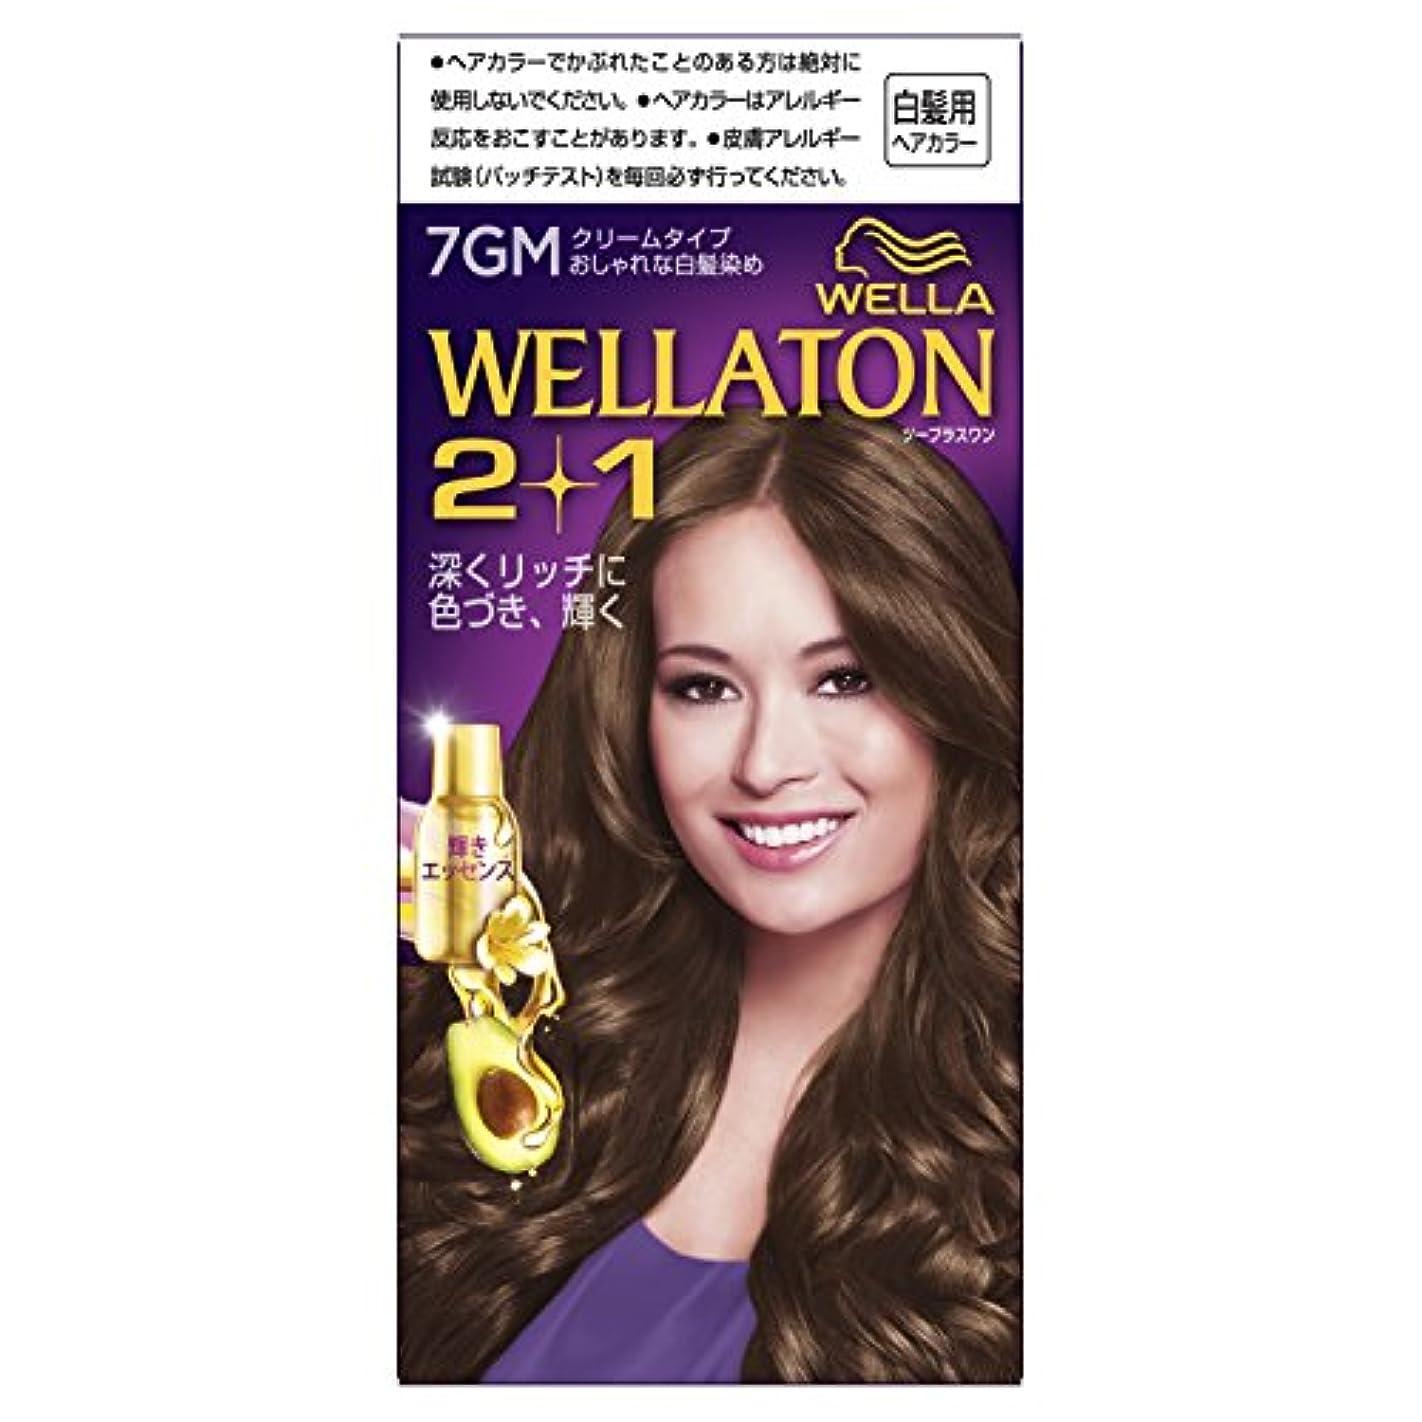 下る固めるウエラトーン2+1 クリームタイプ 7GM [医薬部外品](おしゃれな白髪染め)